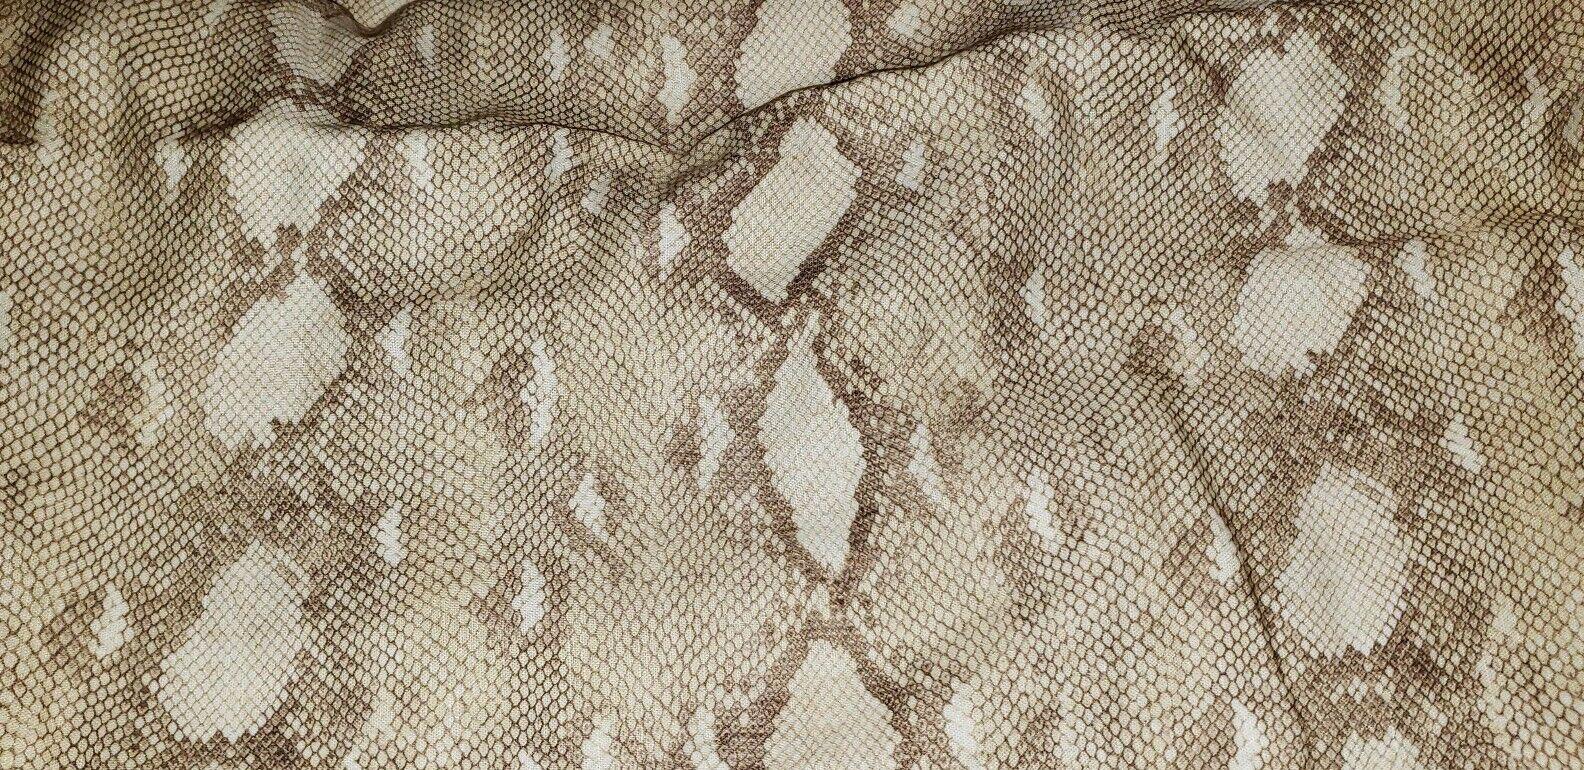 3pc Set Ralph Lauren Sellek Great Sands Full Queen Duvet Cover Shams Snakeskin